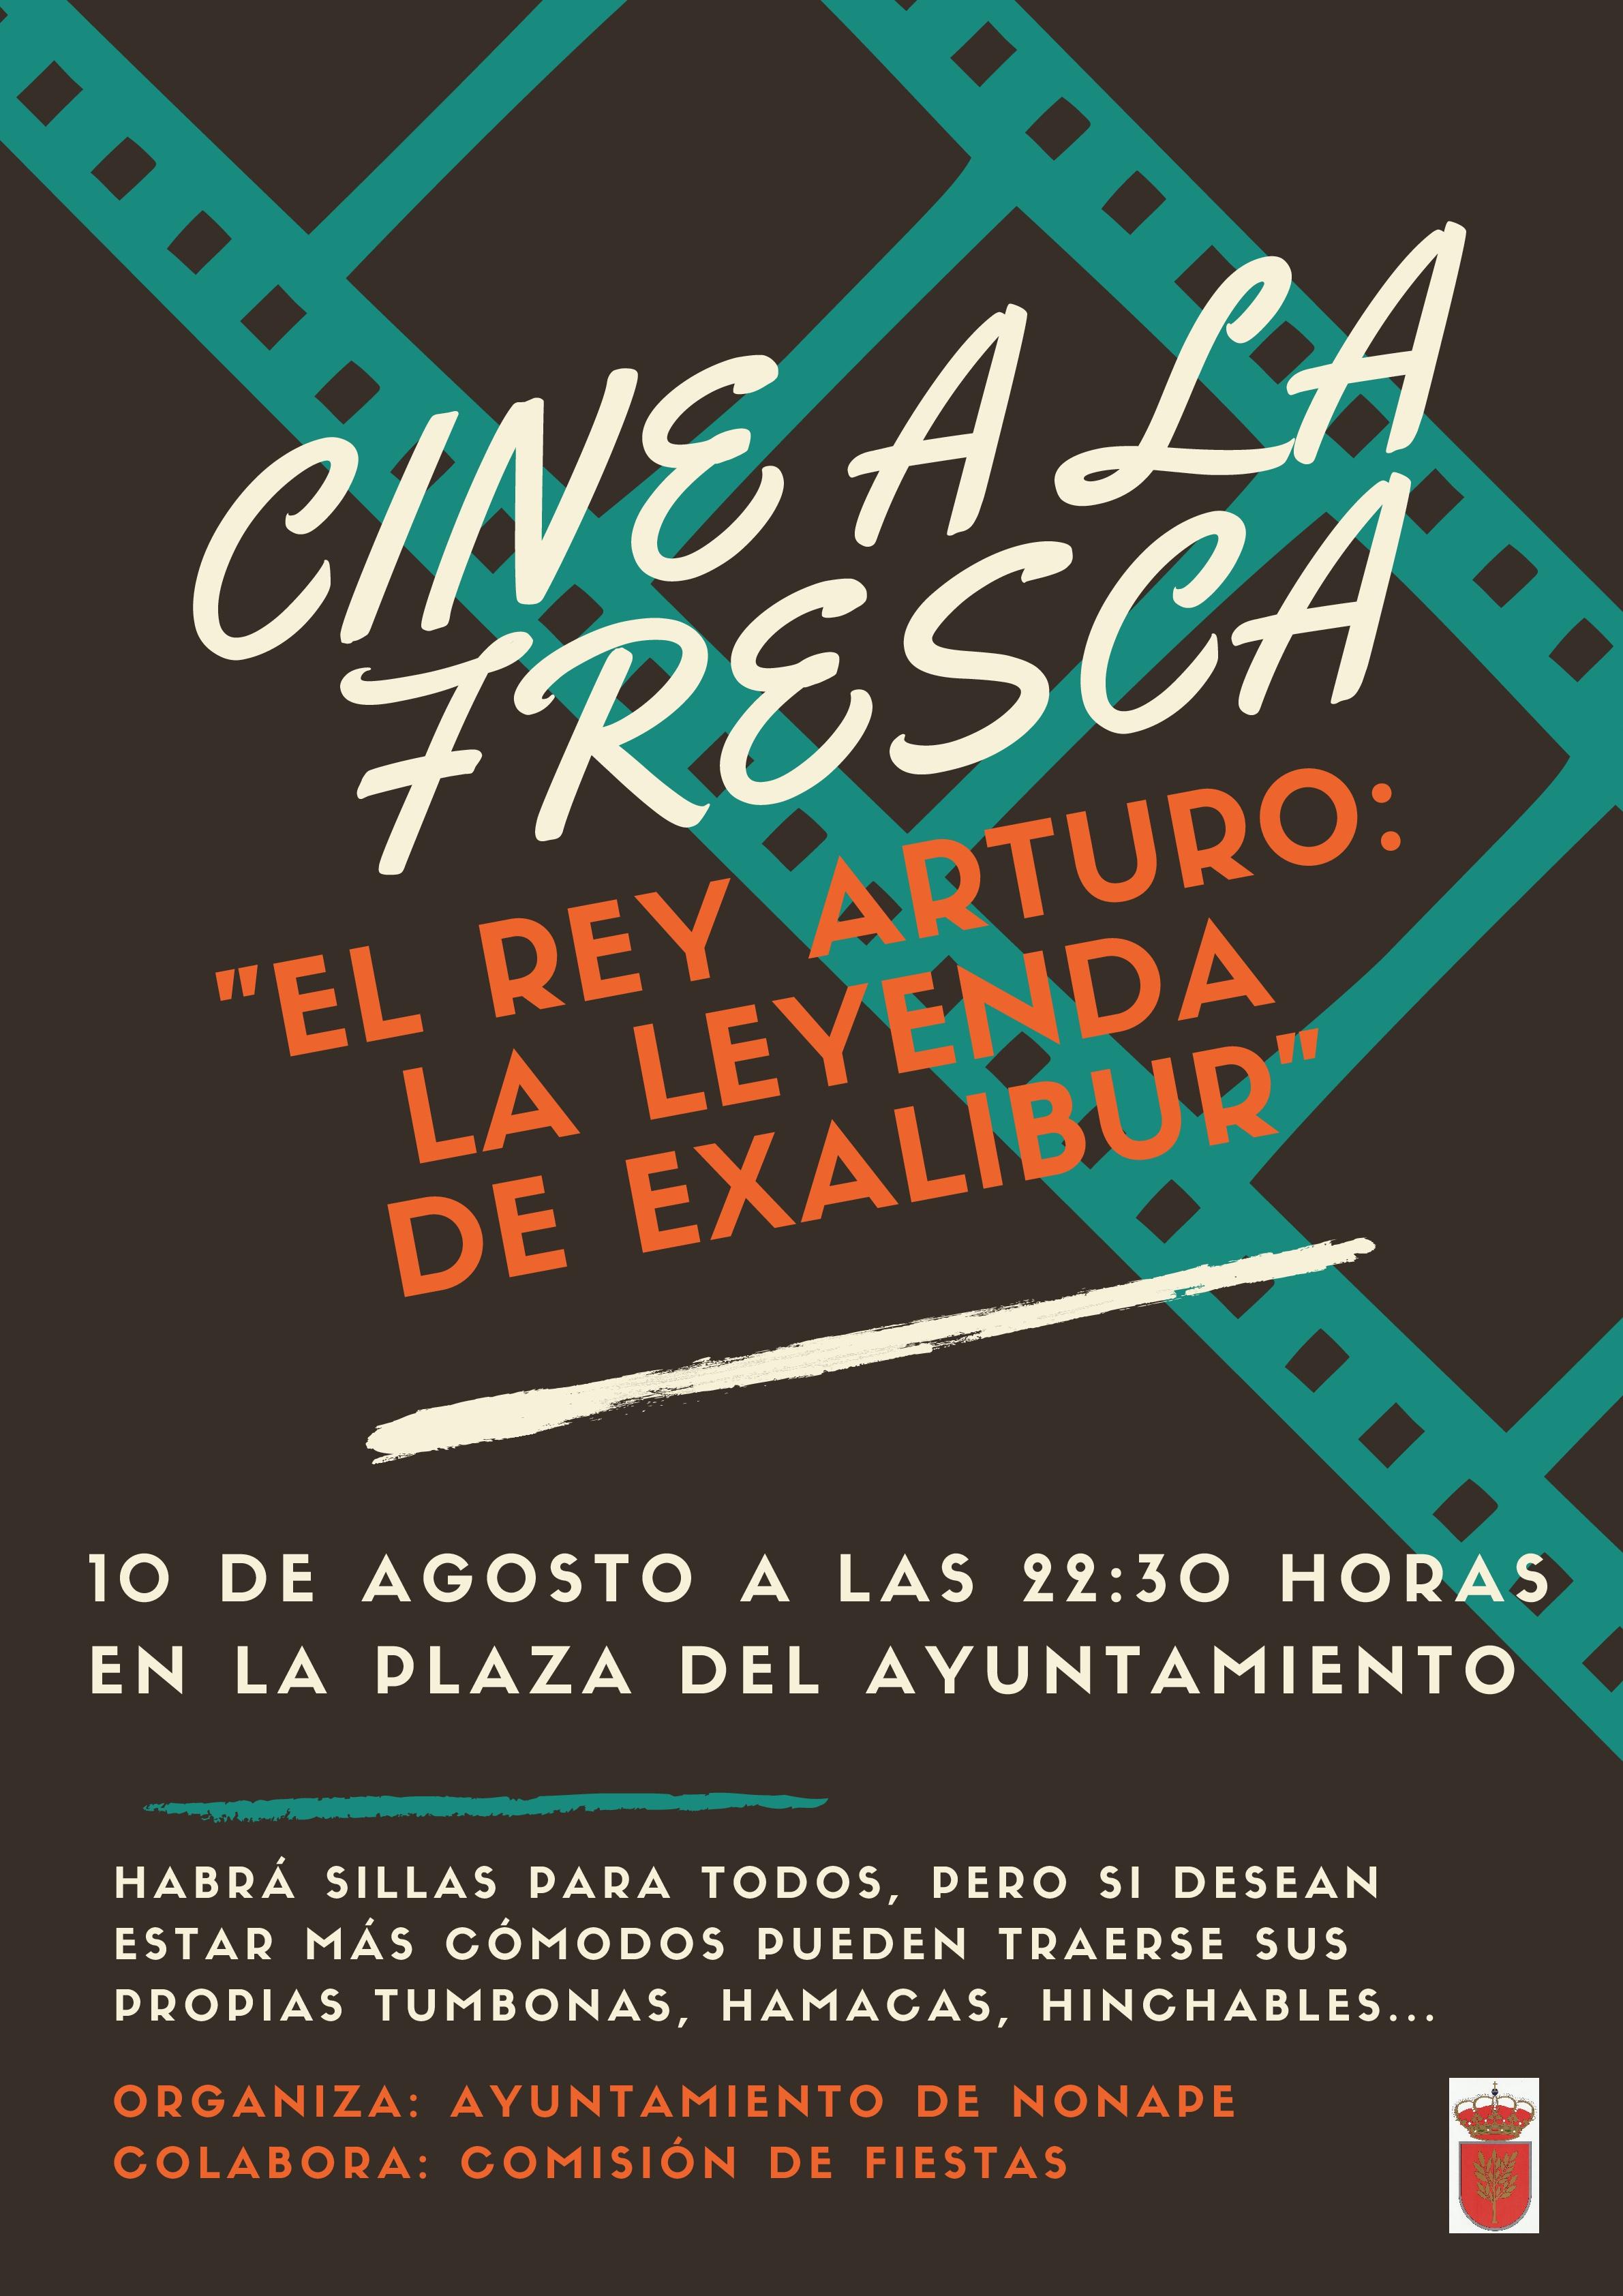 """CINE A LA FRESCA """"EL REY ARTURO: LA LEYENDA DE EXALIBUR"""""""